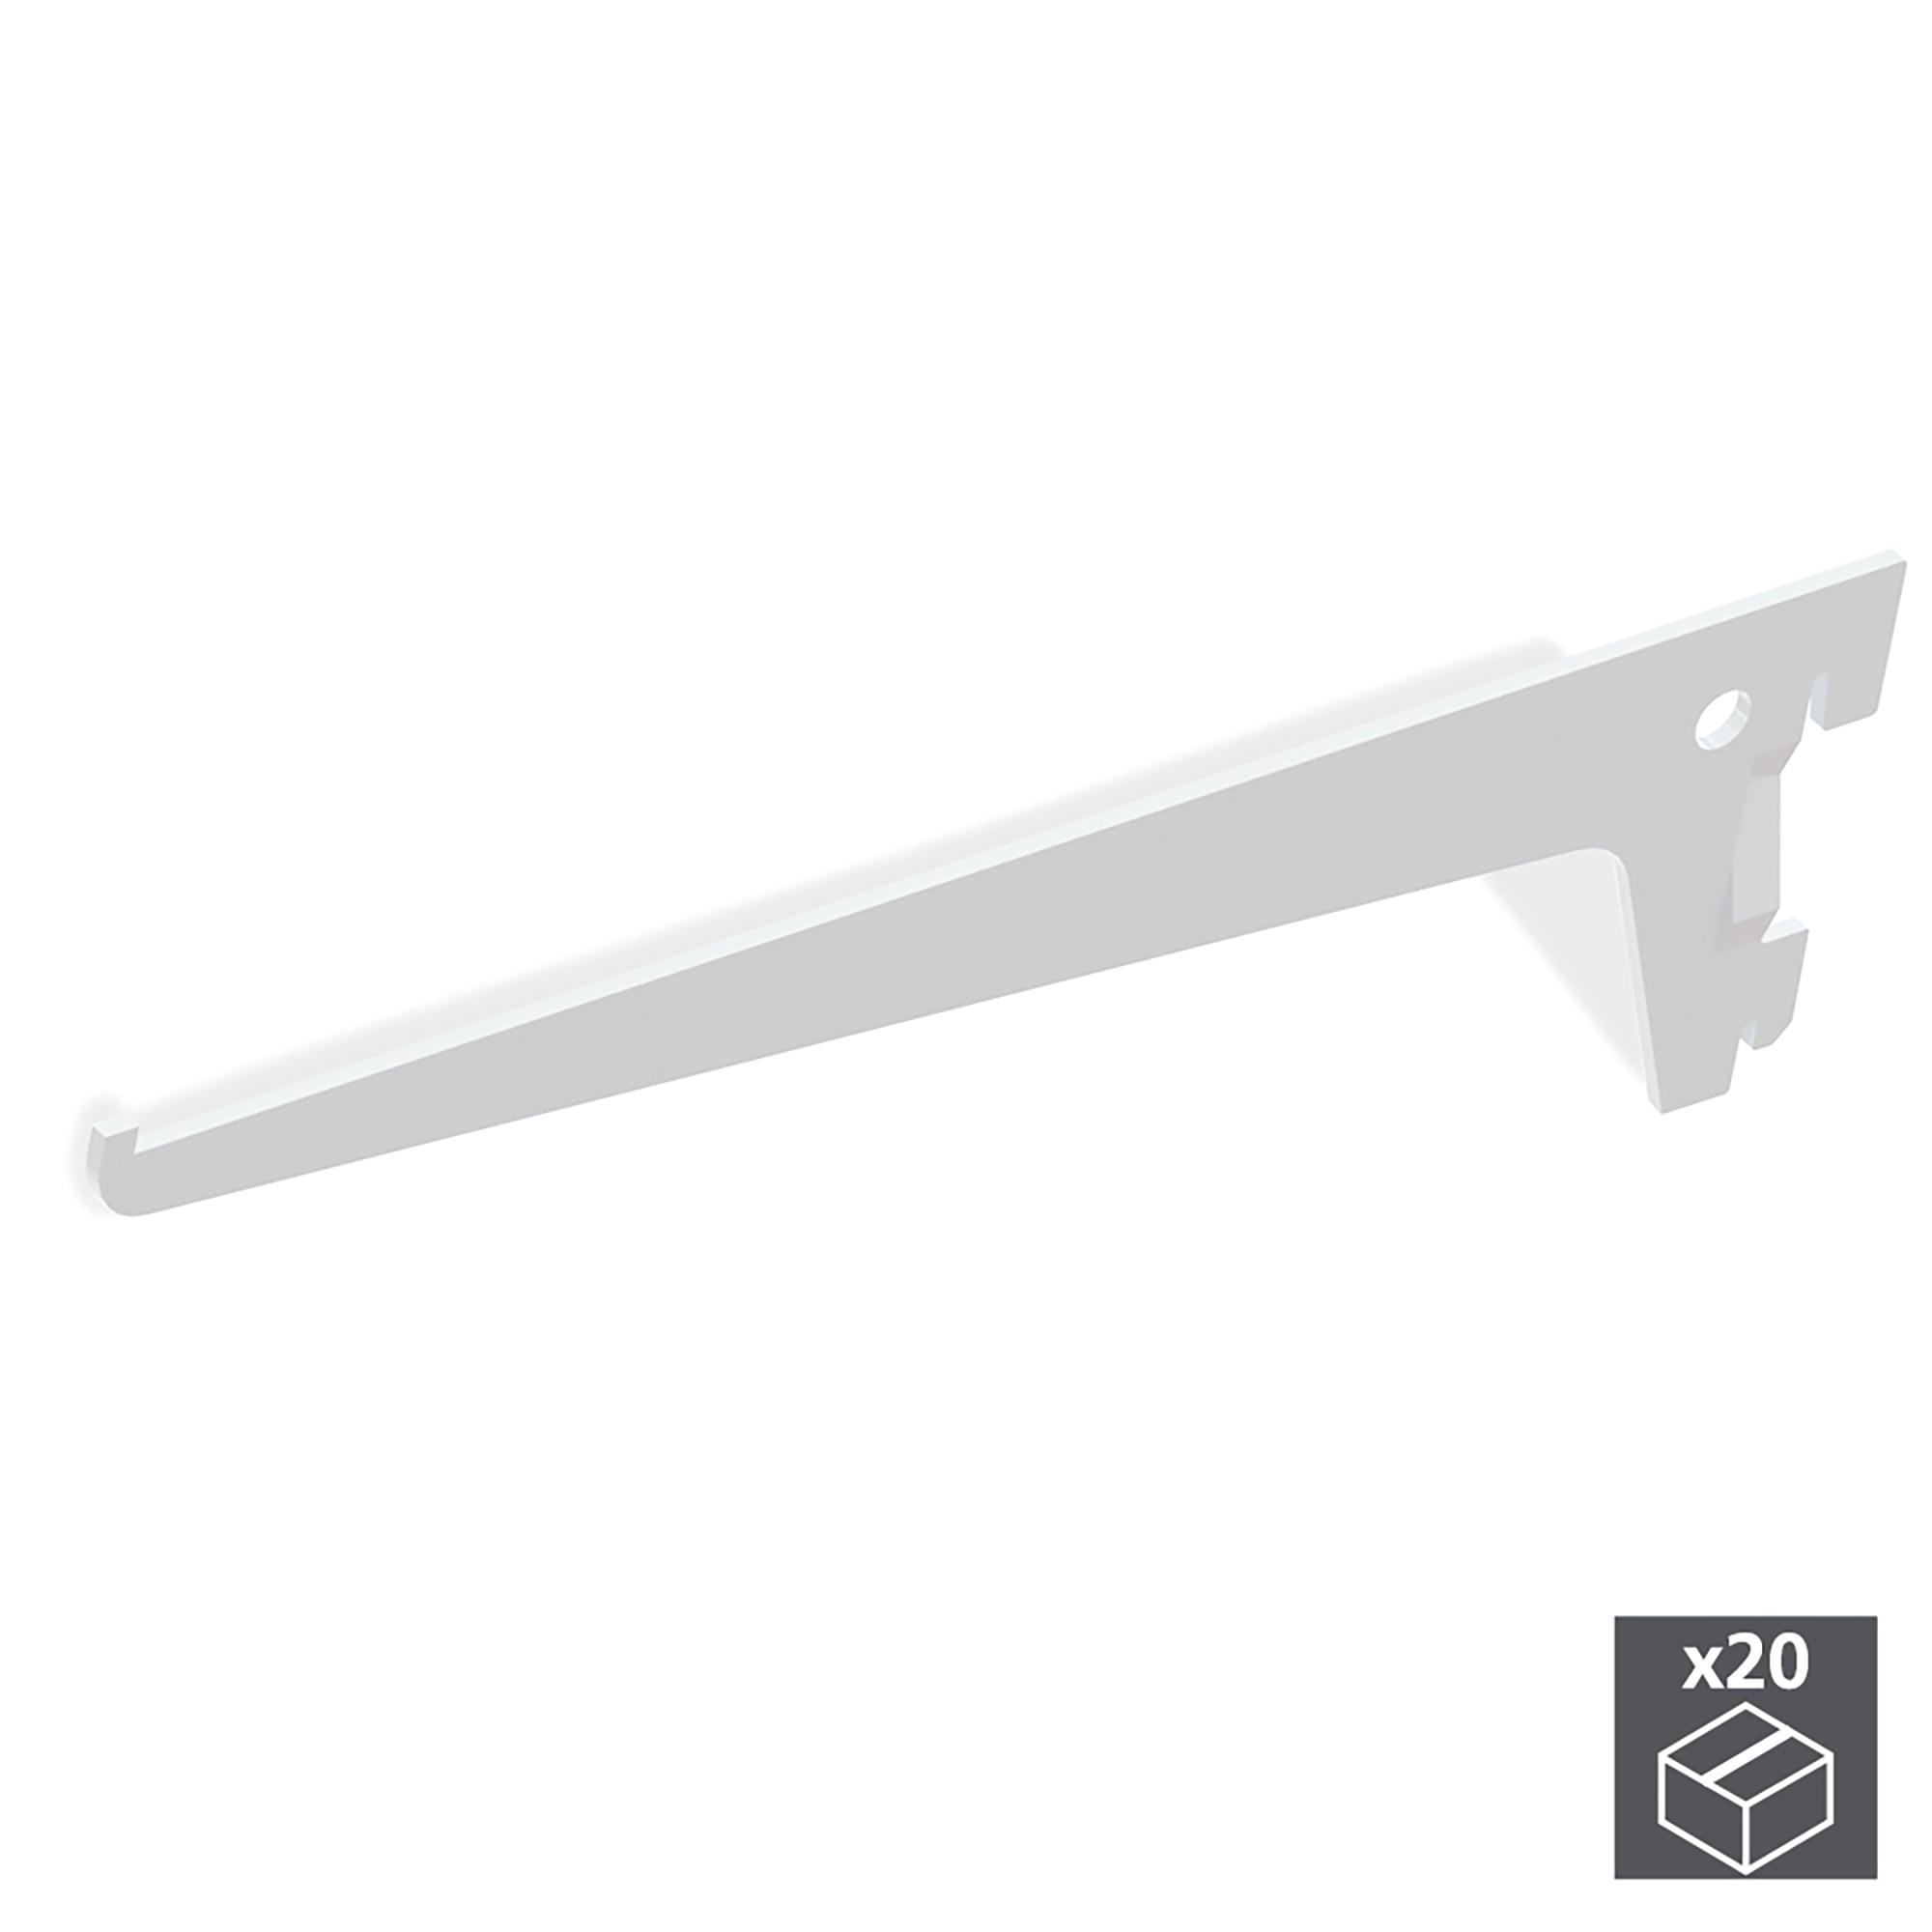 Emuca Supporto per ripiano di legno/vetro, profilo a passo 50 mm, 350 mm, Acciaio, Bianco, 20 u.